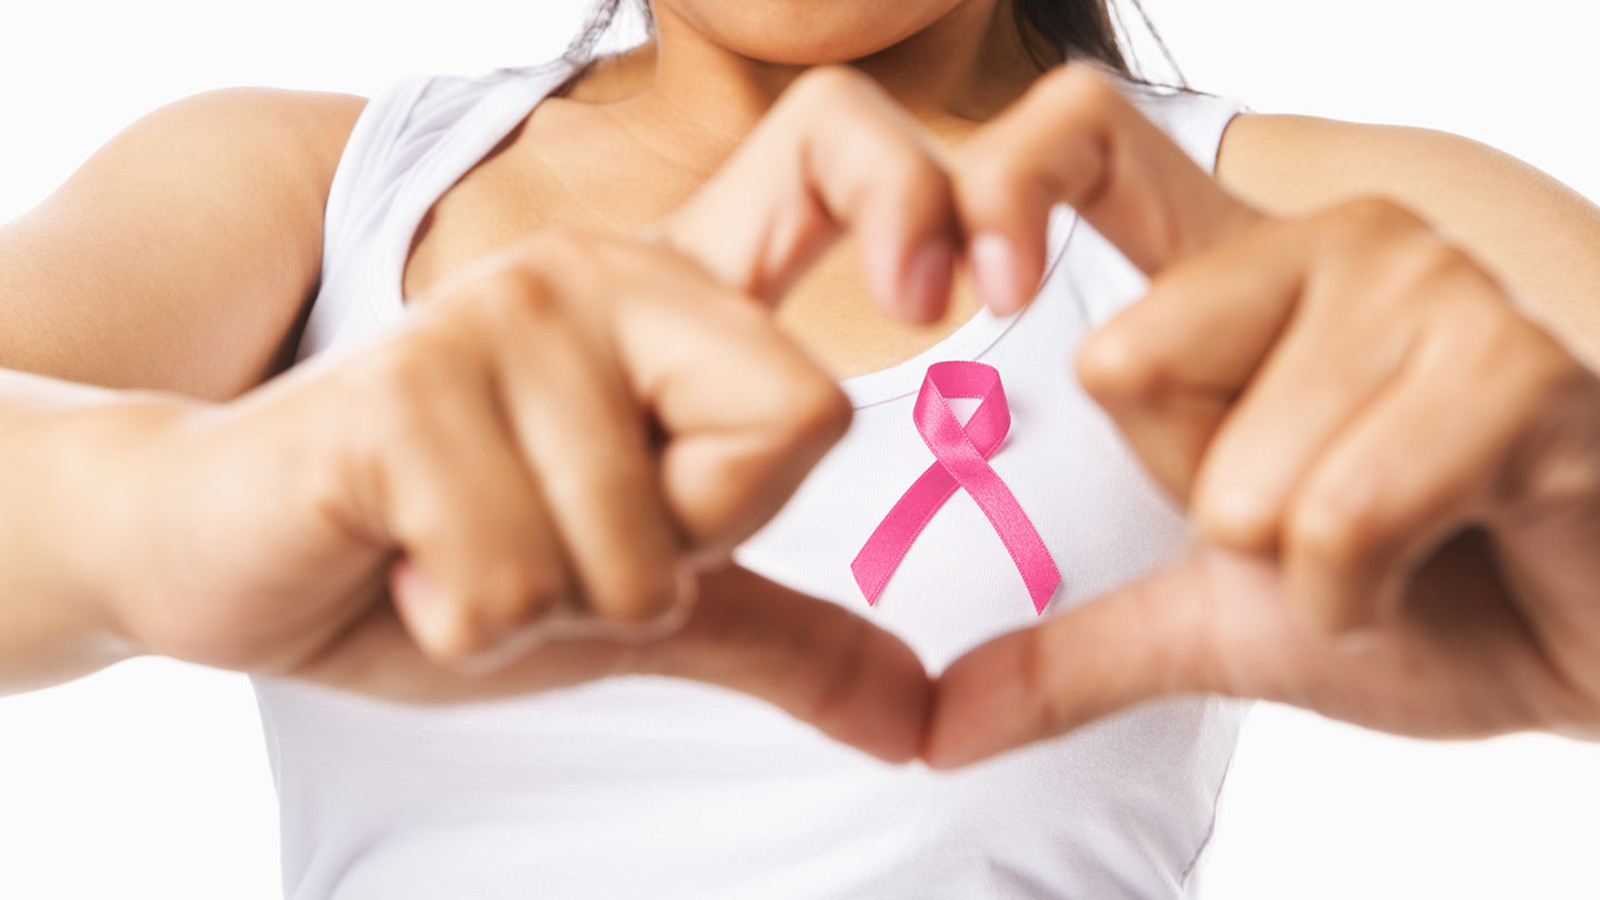 Píldoras anticonceptivas aumentan los riesgos de contraer cáncer de mama